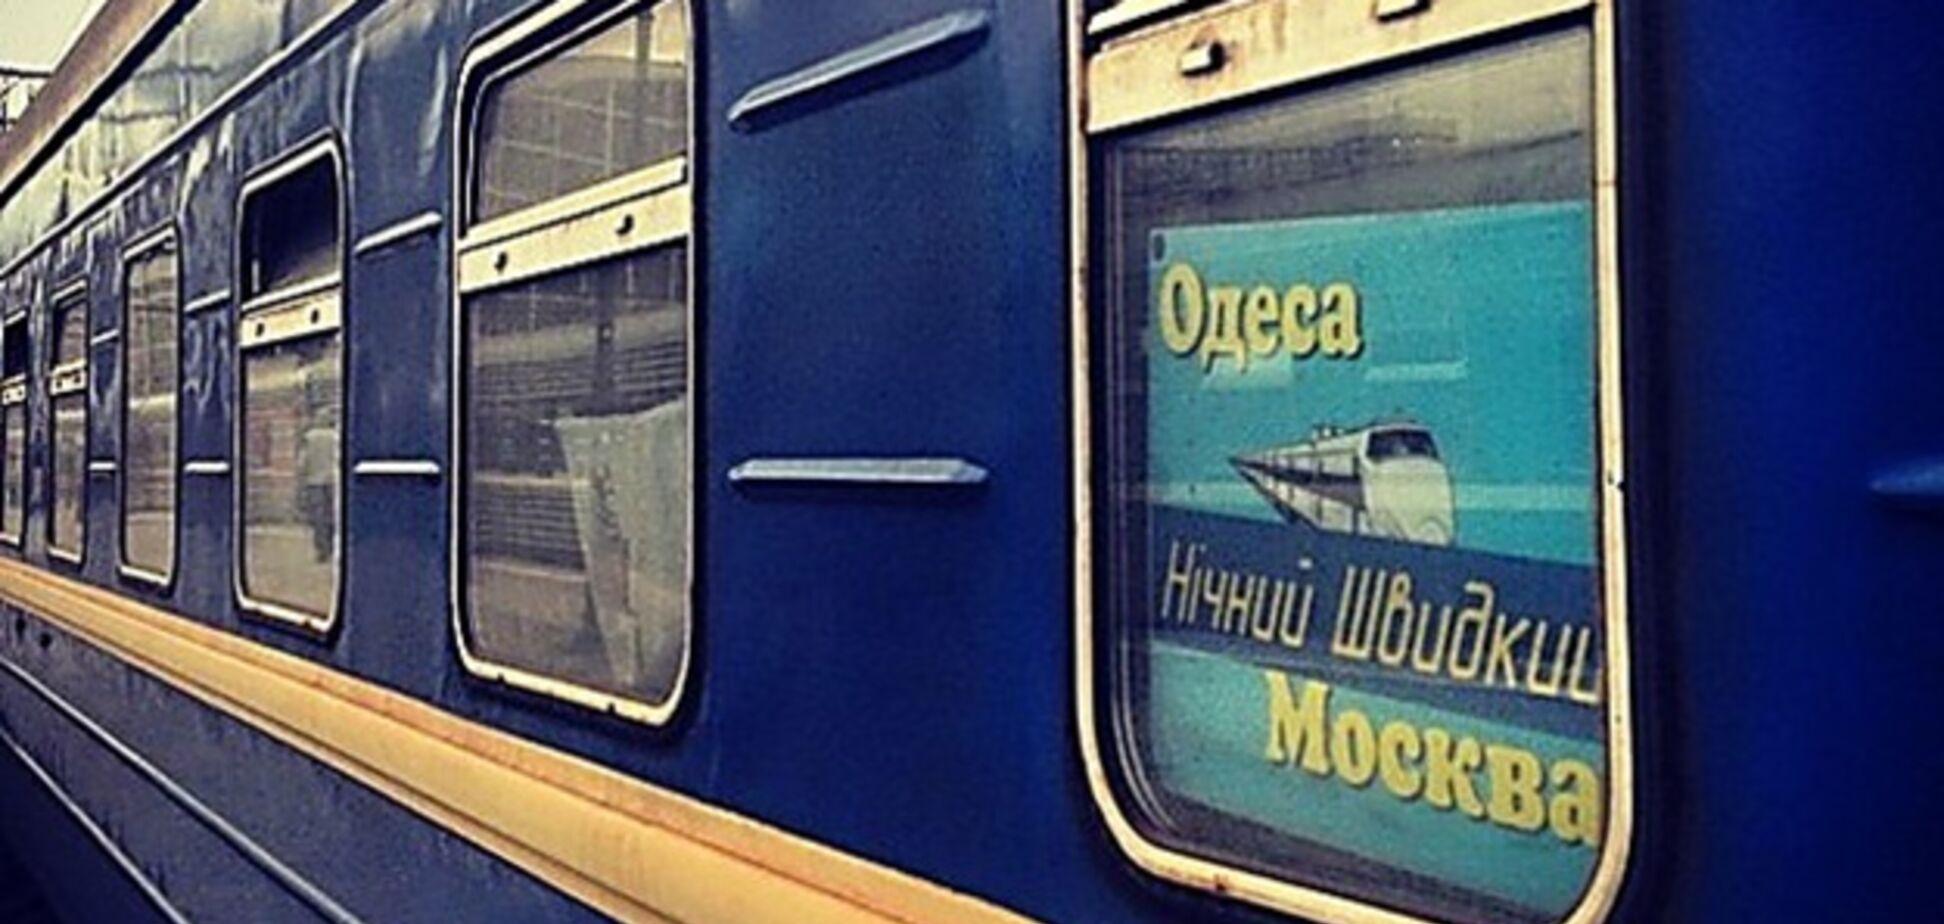 'Прикрили ковдрою!' Пасажирів поїзда до Одеси намагалося пограбувати злочинне угруповання